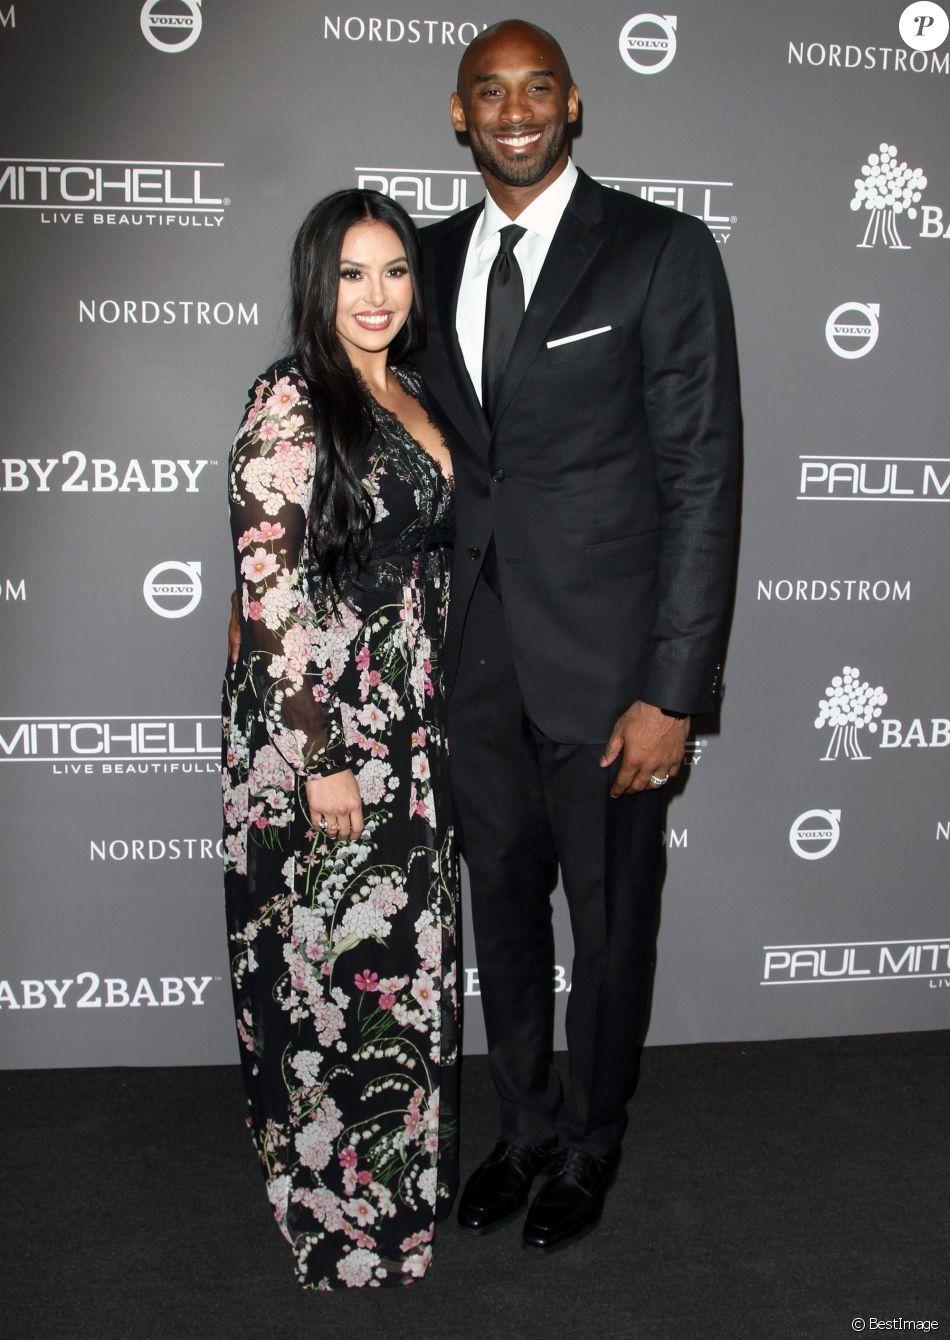 c680a53e01b6d Kobe Bryant et sa femme Vanessa Laine Bryant - Les célébrités posent lors  du photocall de la soirée Baby2Baby à Culver City le 10 novembre 2018.